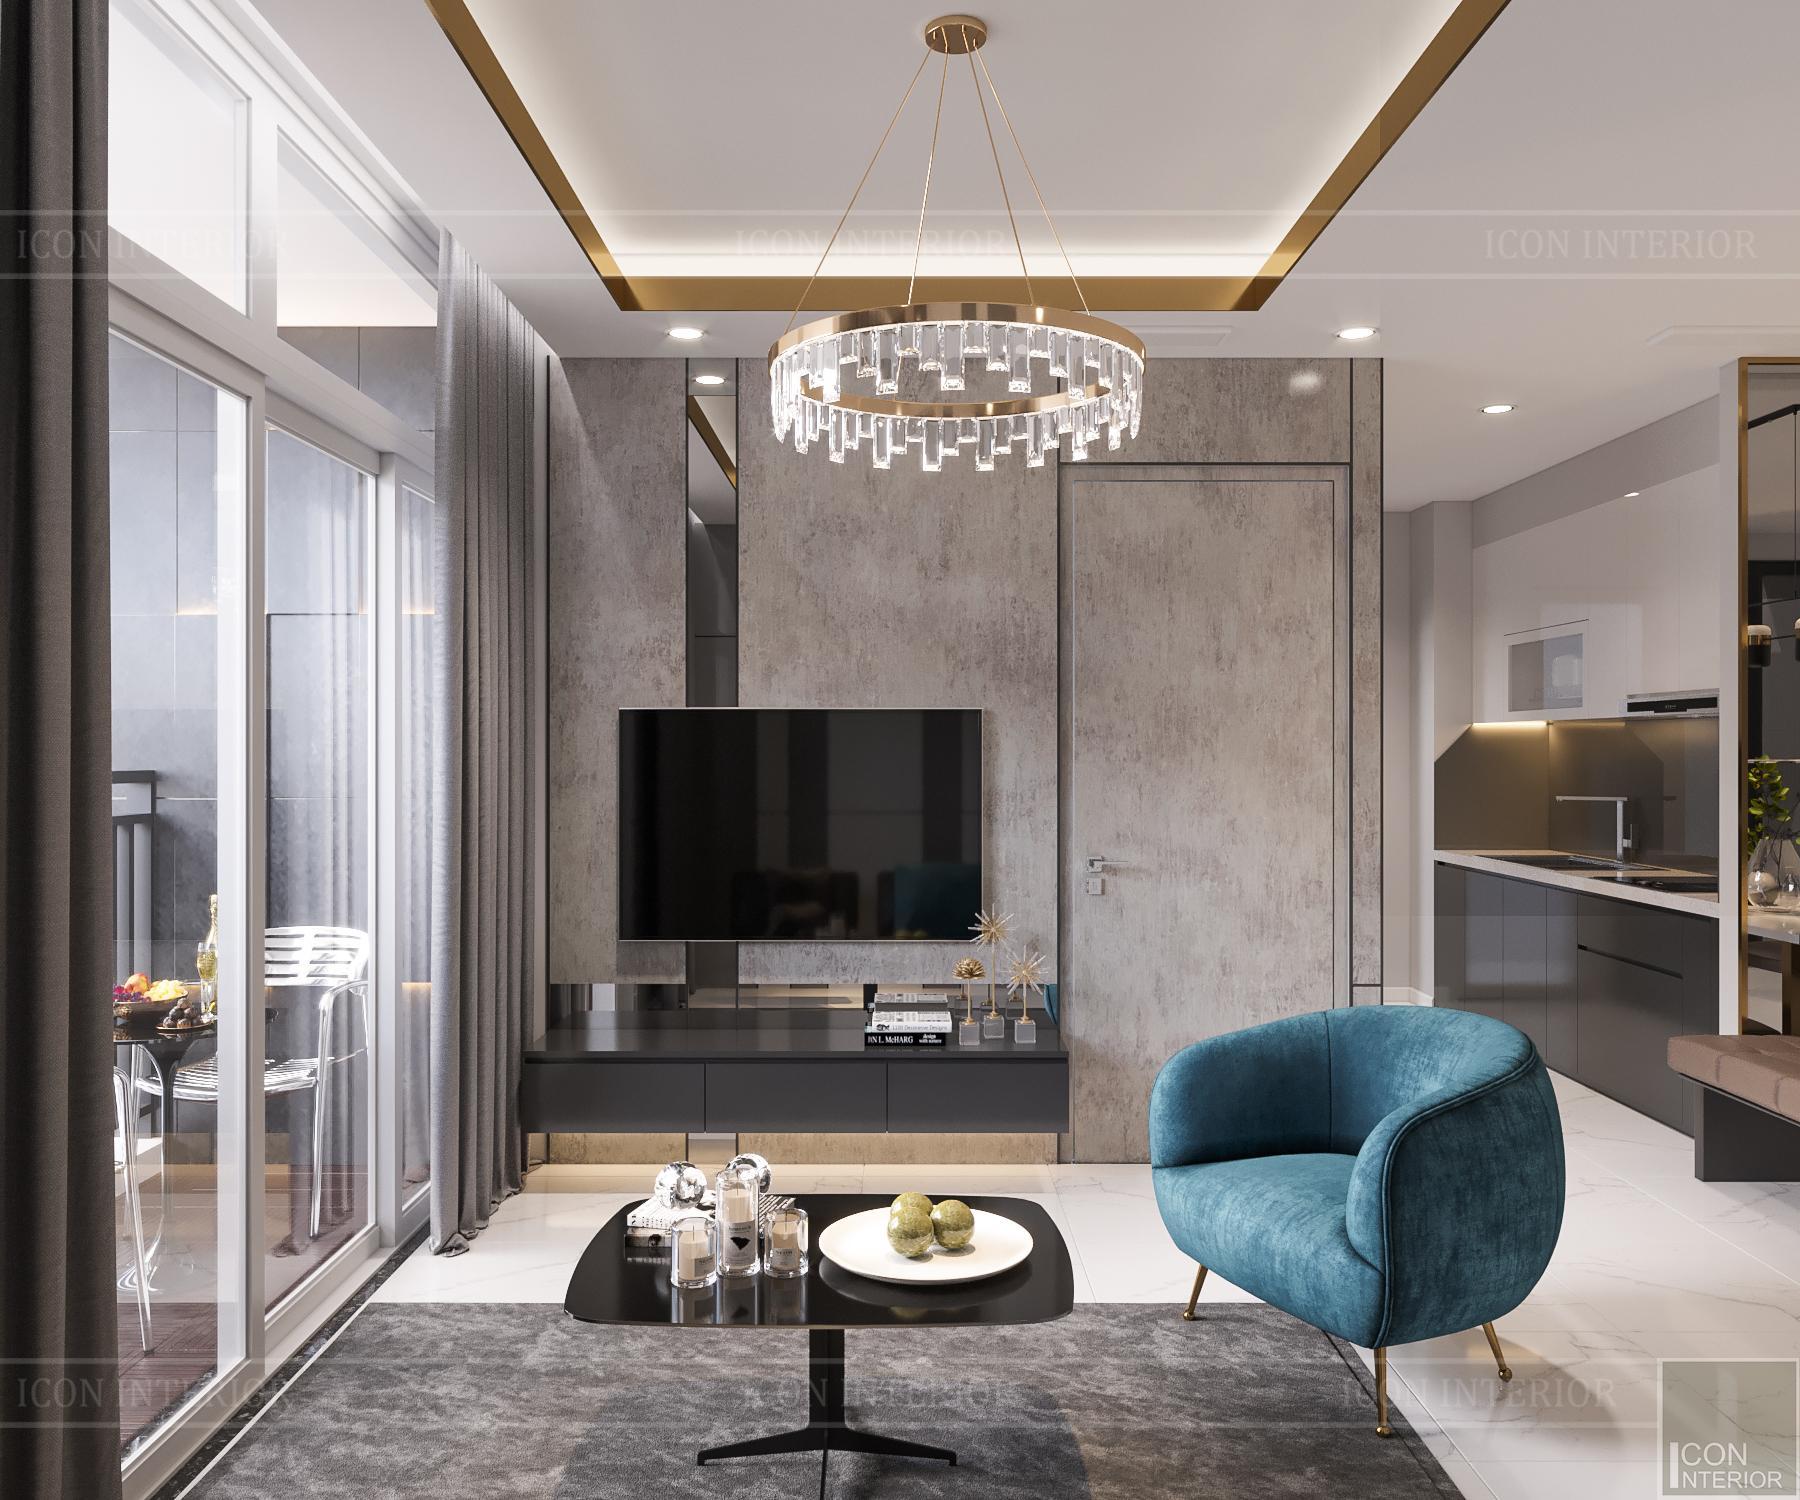 thiết kế căn hộ 3 phòng ngủ hiện đại - phòng khách 1